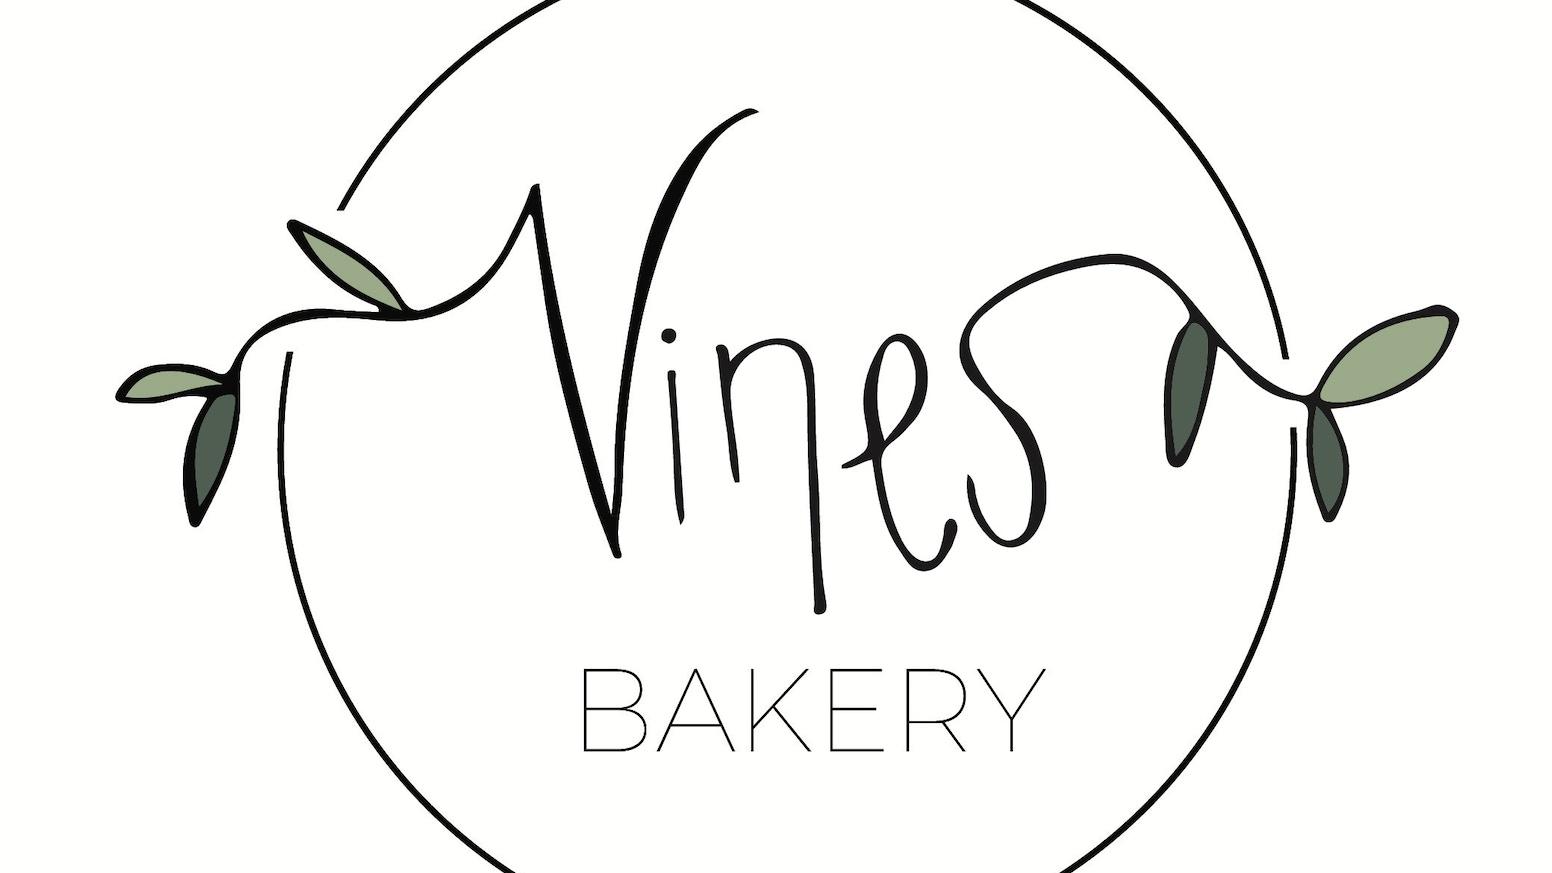 Vines Bakery in Ashland, Ohio by Julianna Hritz — Kickstarter